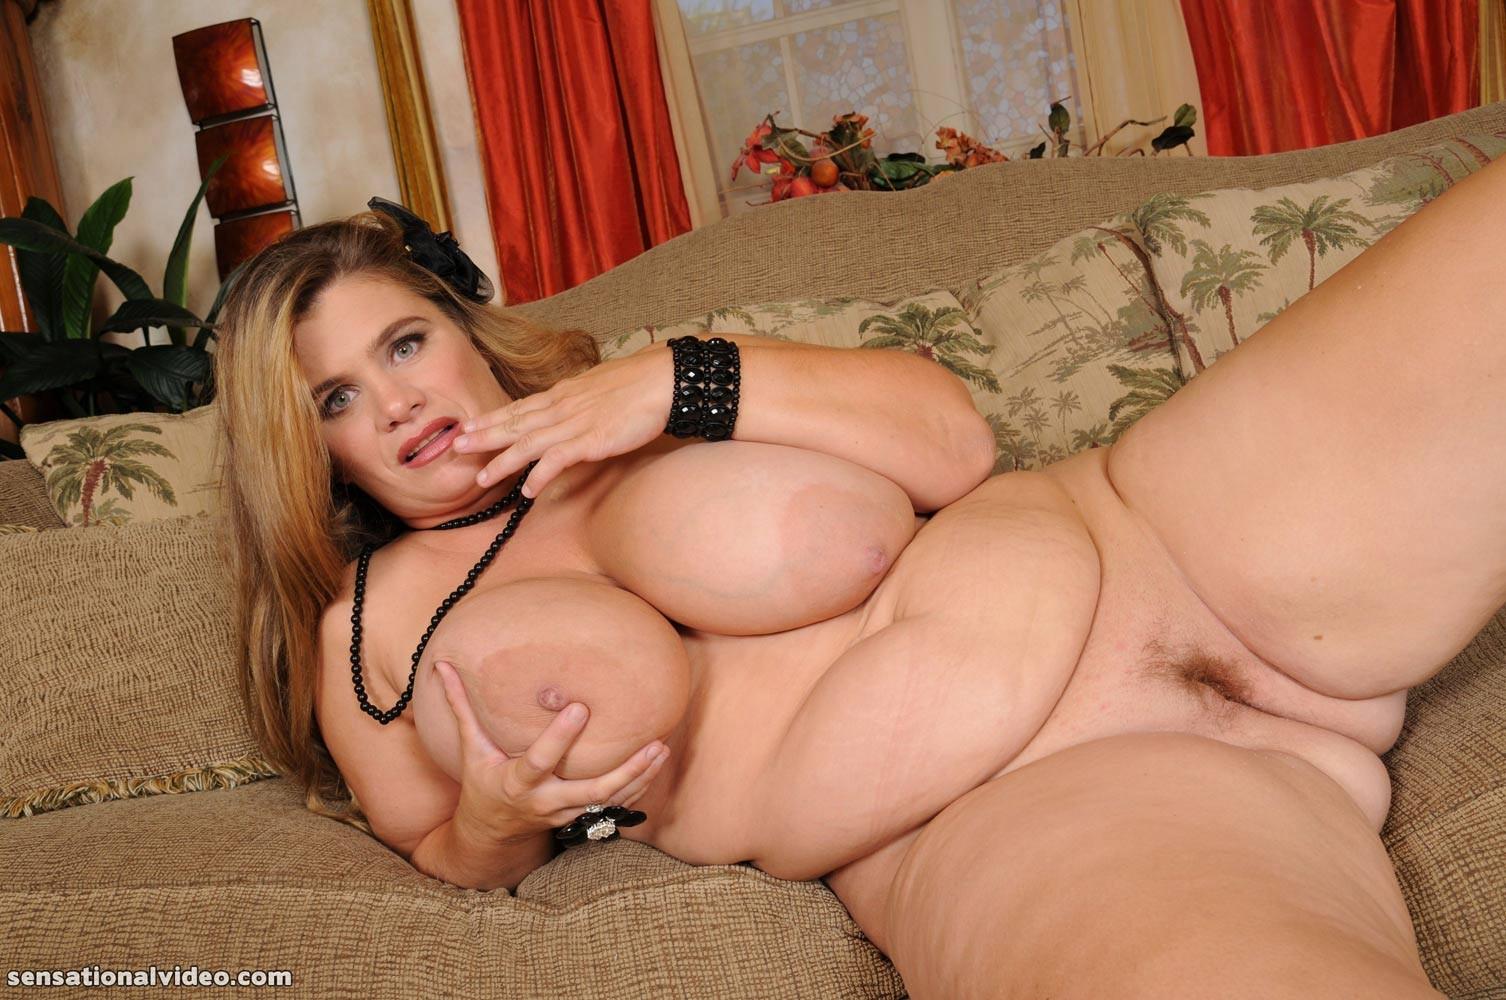 pichunter hot sexy nude photos